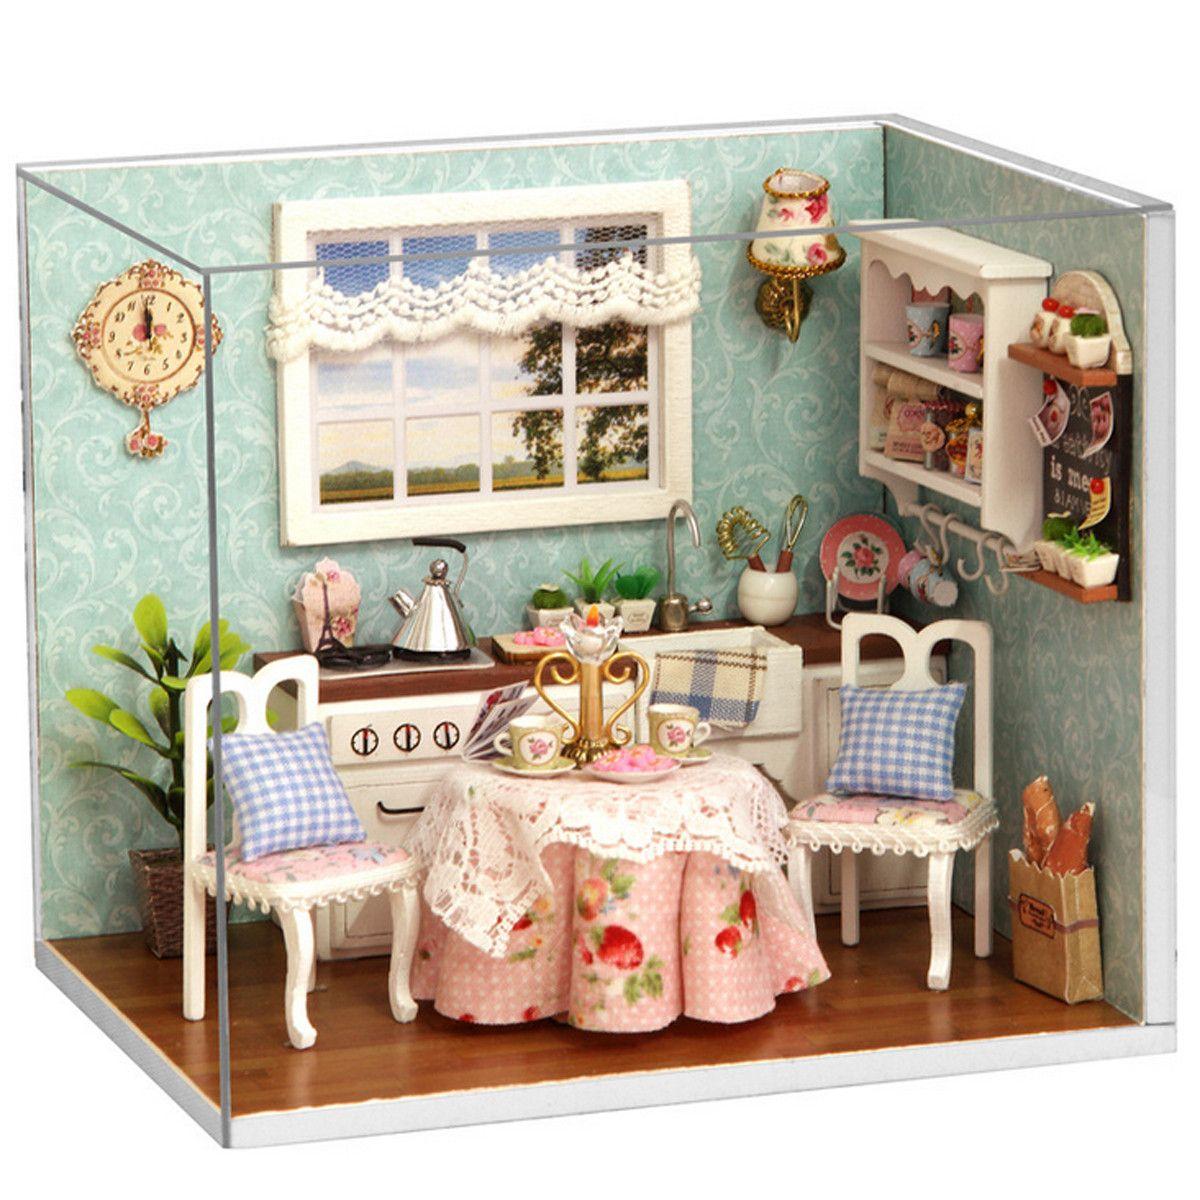 Cuteroom Dollhouse Miniature Dining Room DIY Kit